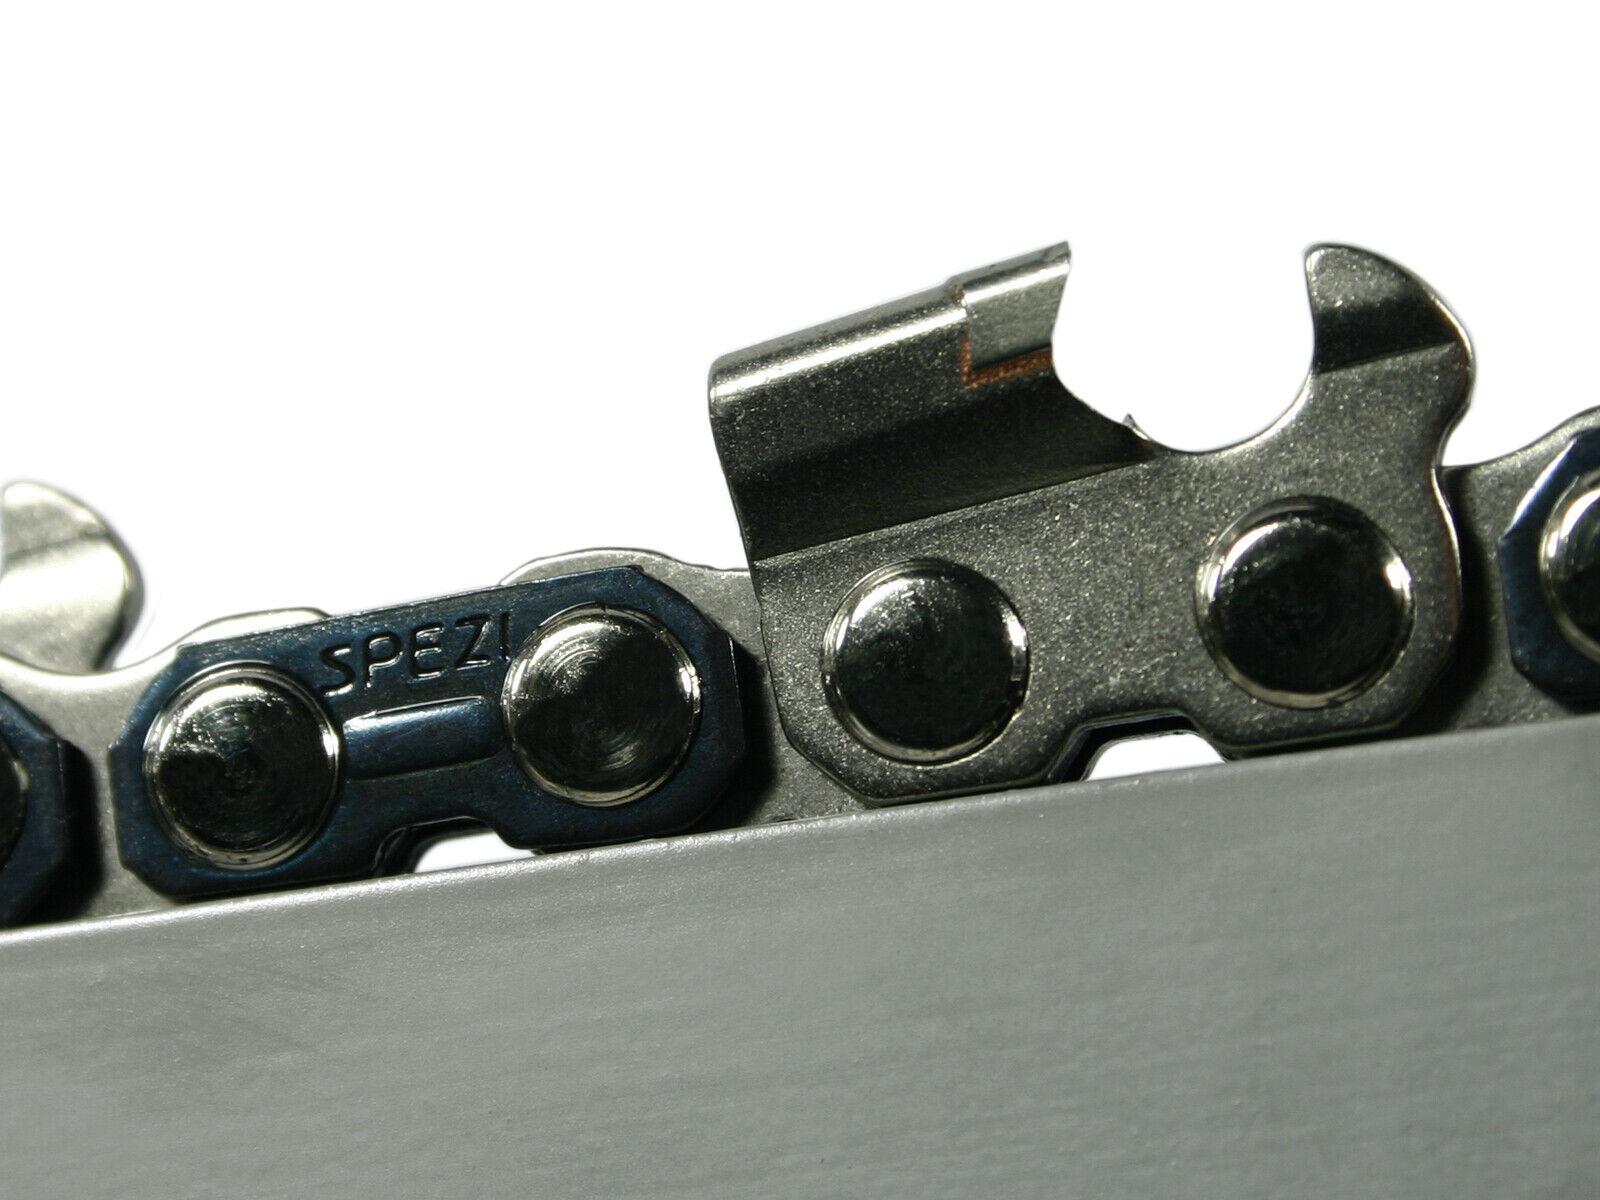 Hartmetall Sägekette passend für Husqvarna 285 90 cm 3 8  115 TG 1,6 mm carbide